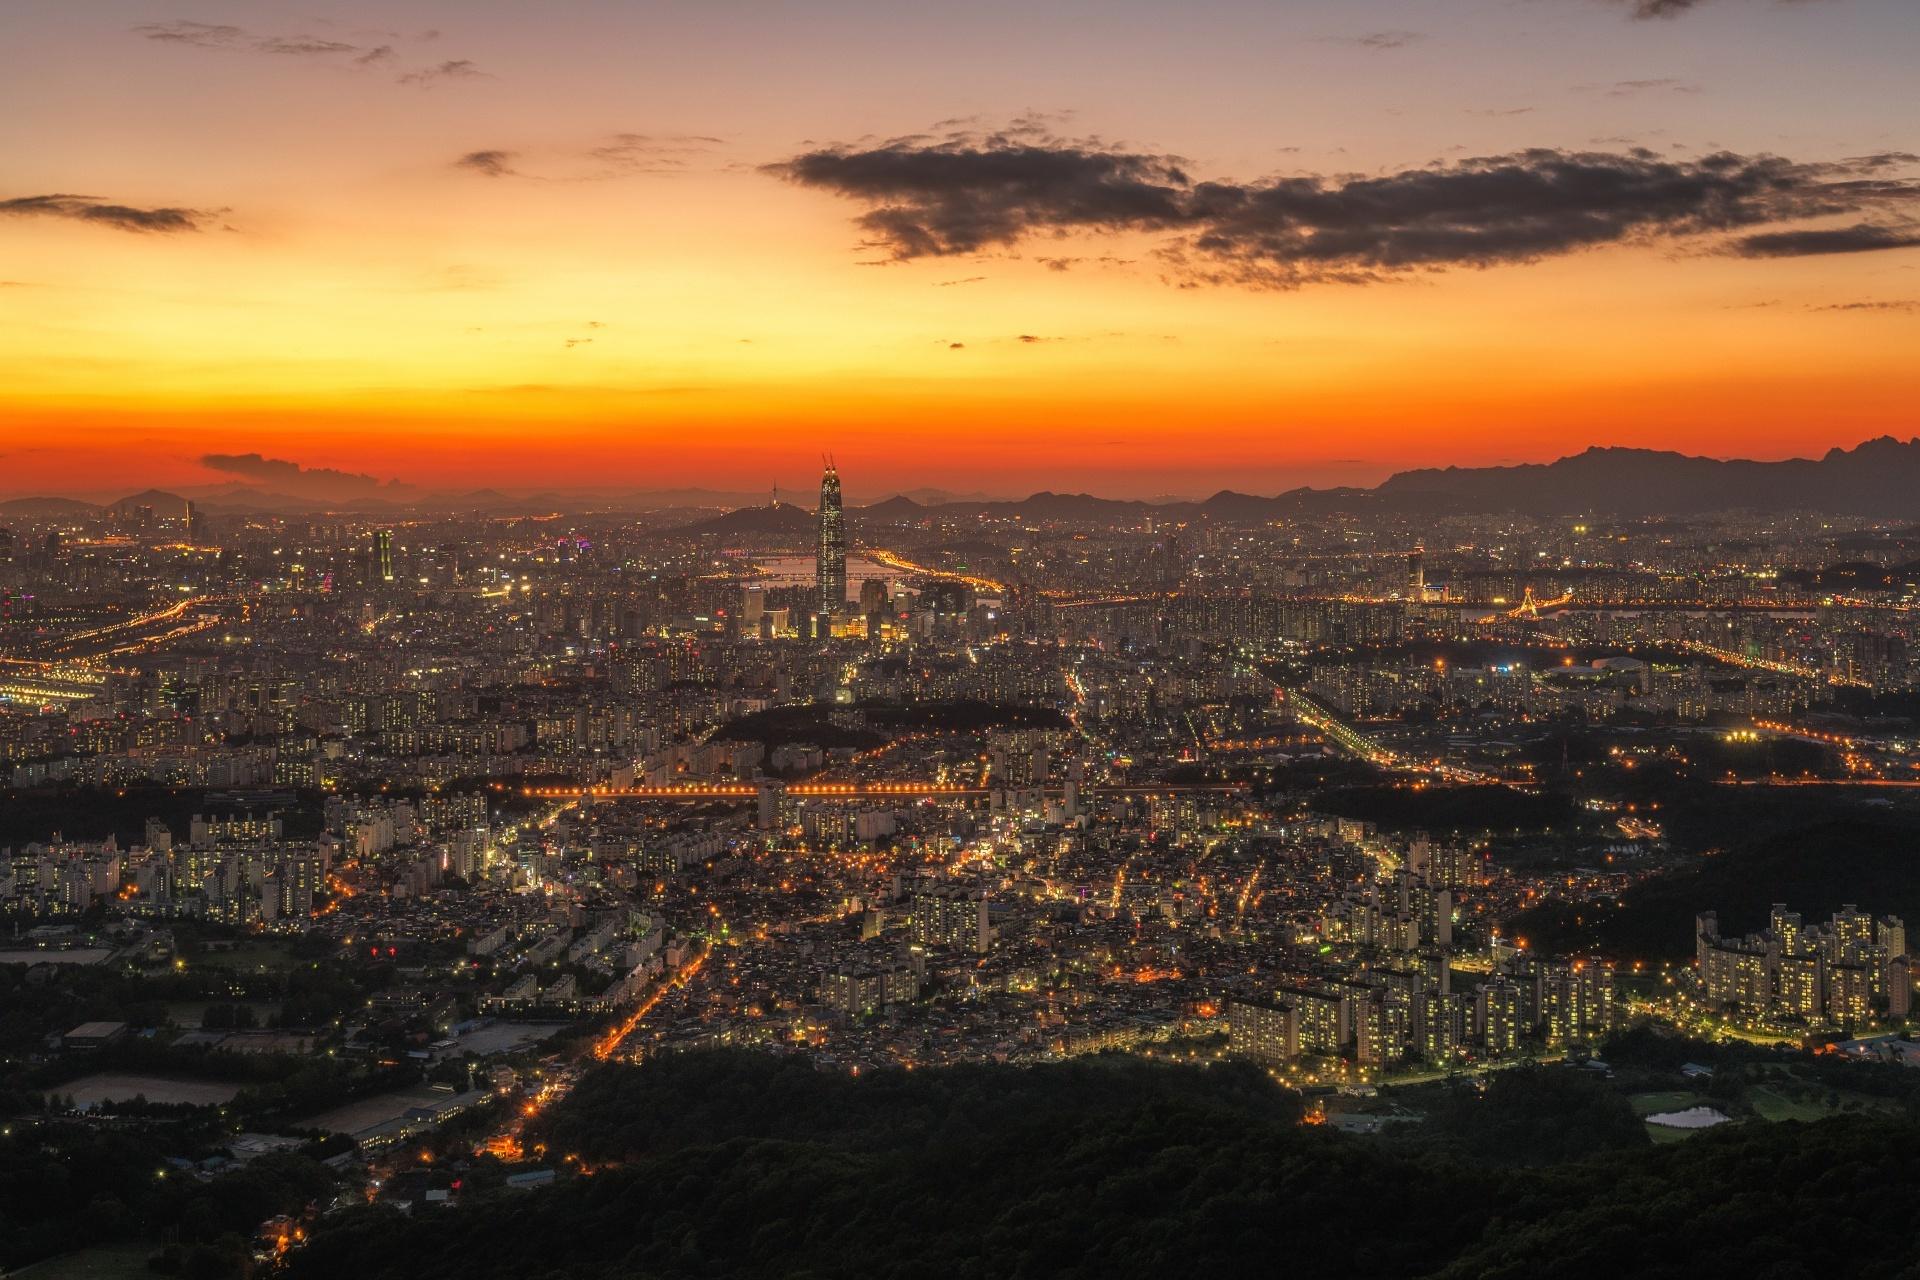 夕暮れのソウルの風景 韓国の風景